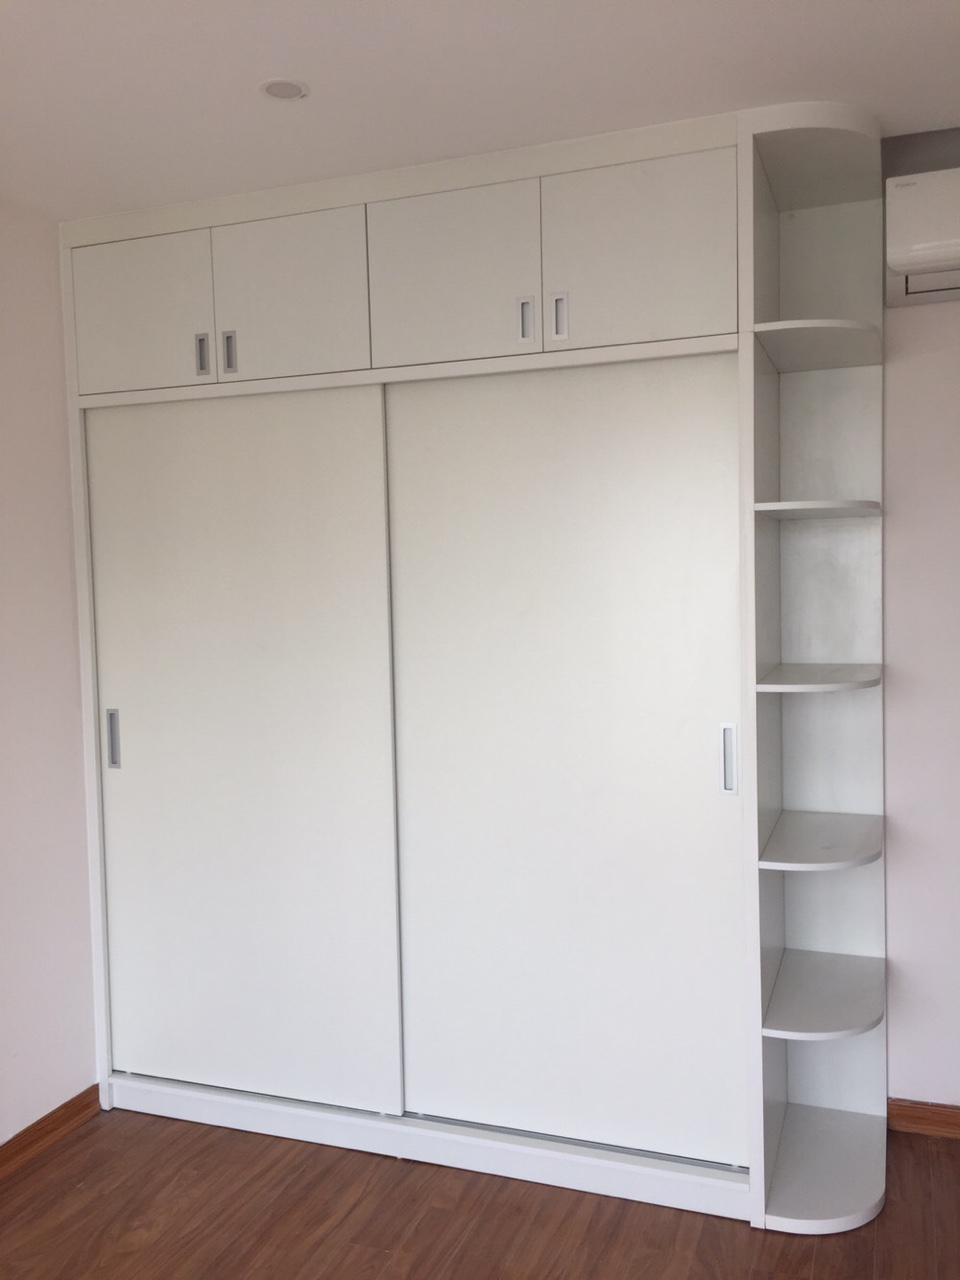 Mẫu tủ áo gỗ công nghiệp màu trắng hiện đại 2021